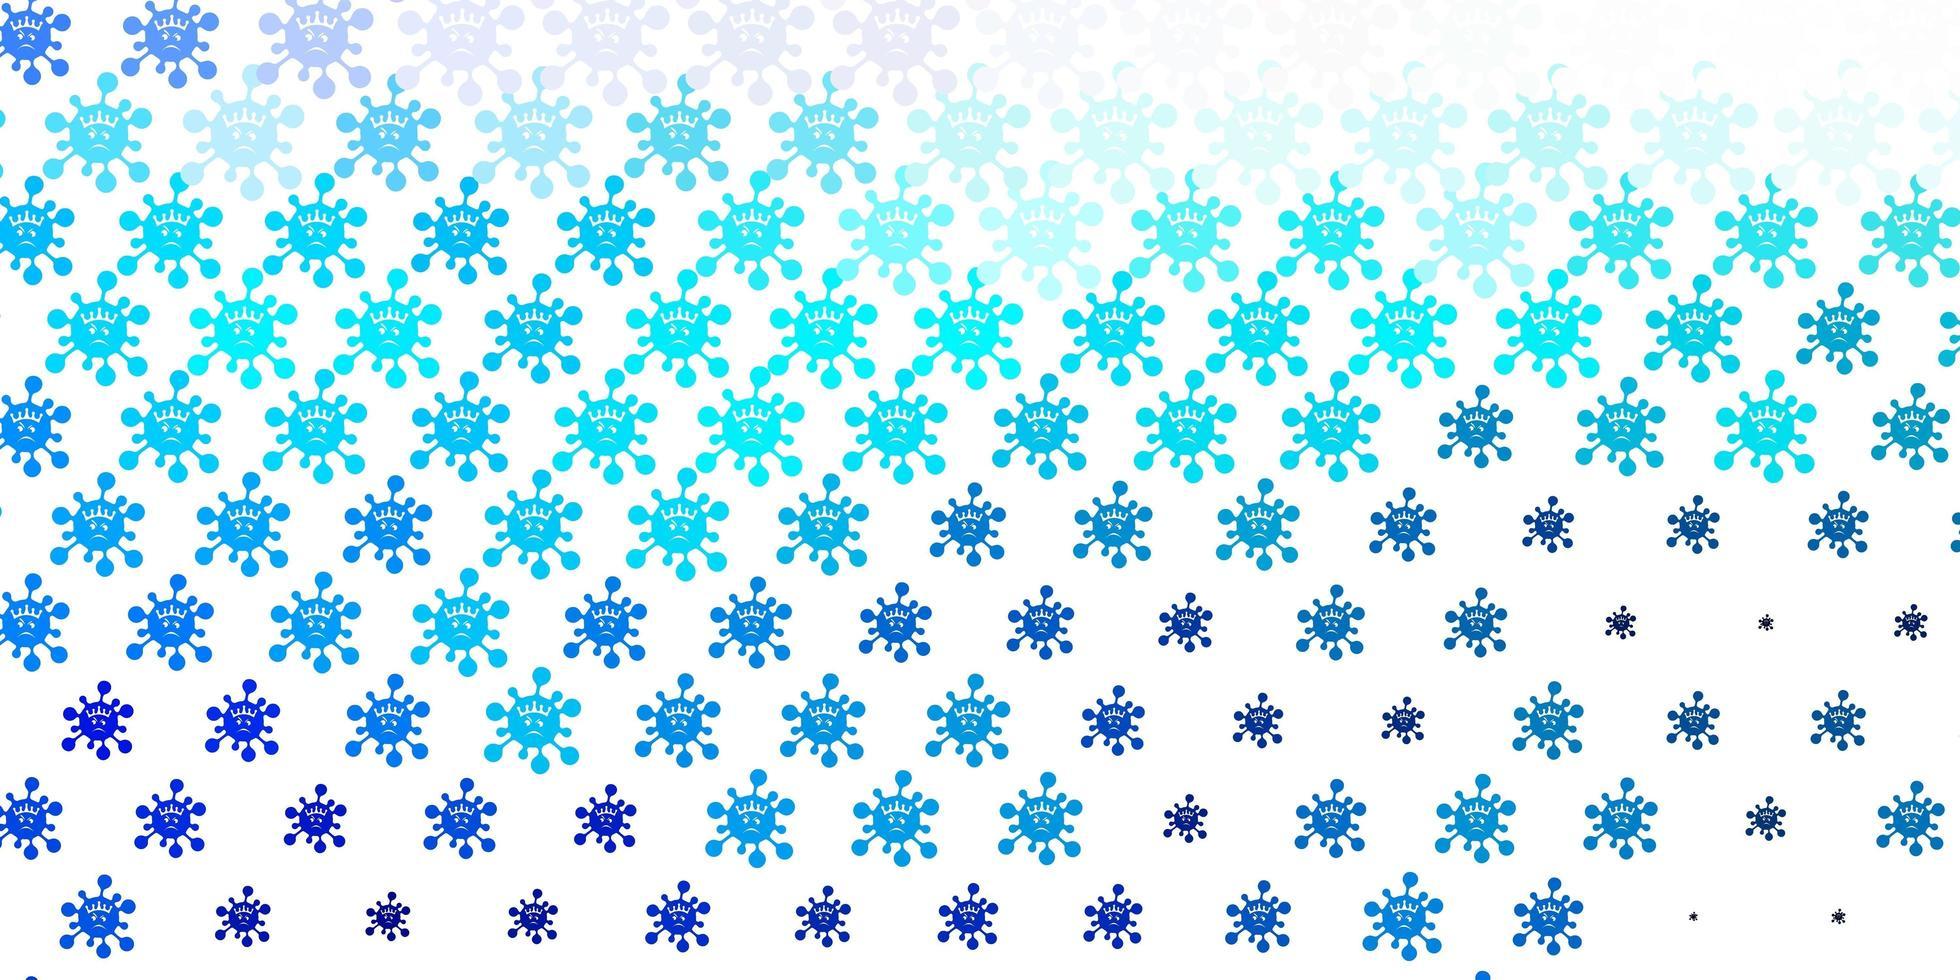 modello vettoriale azzurro con segni di influenza